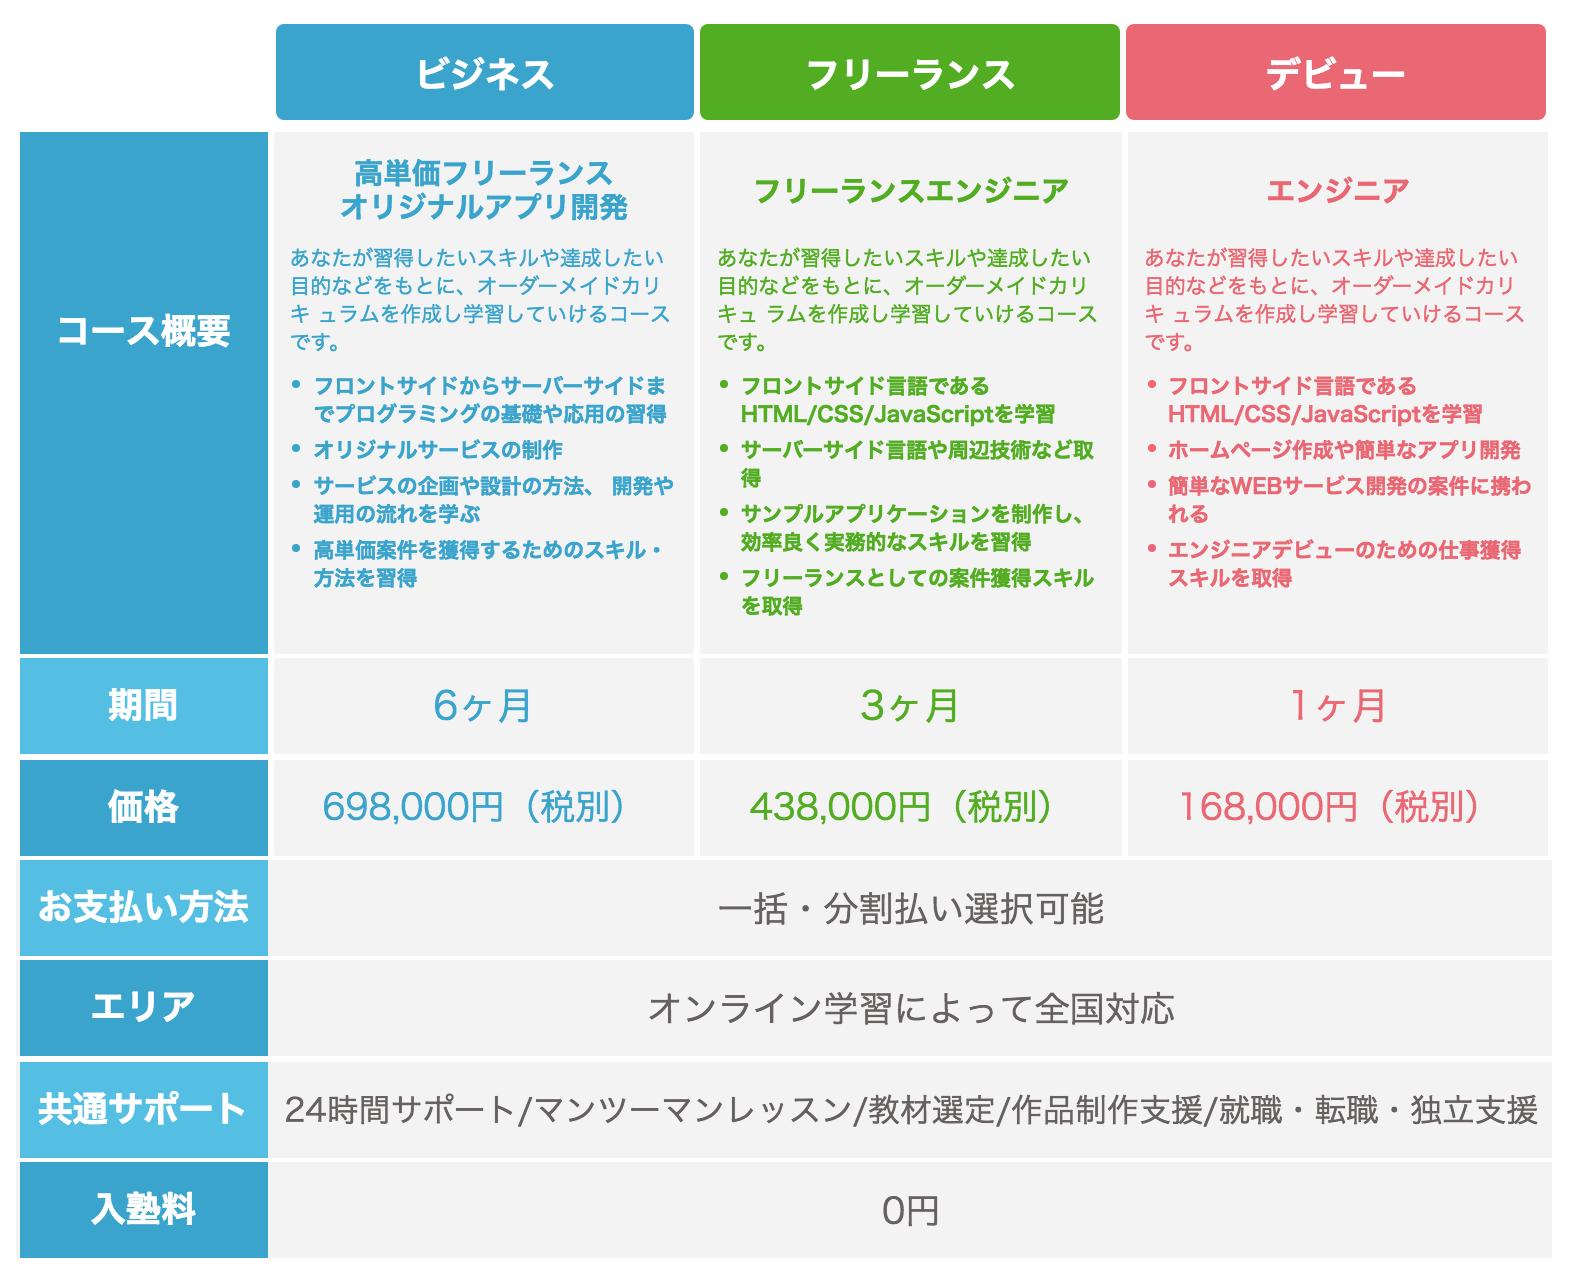 侍エンジニア塾-コース料金表